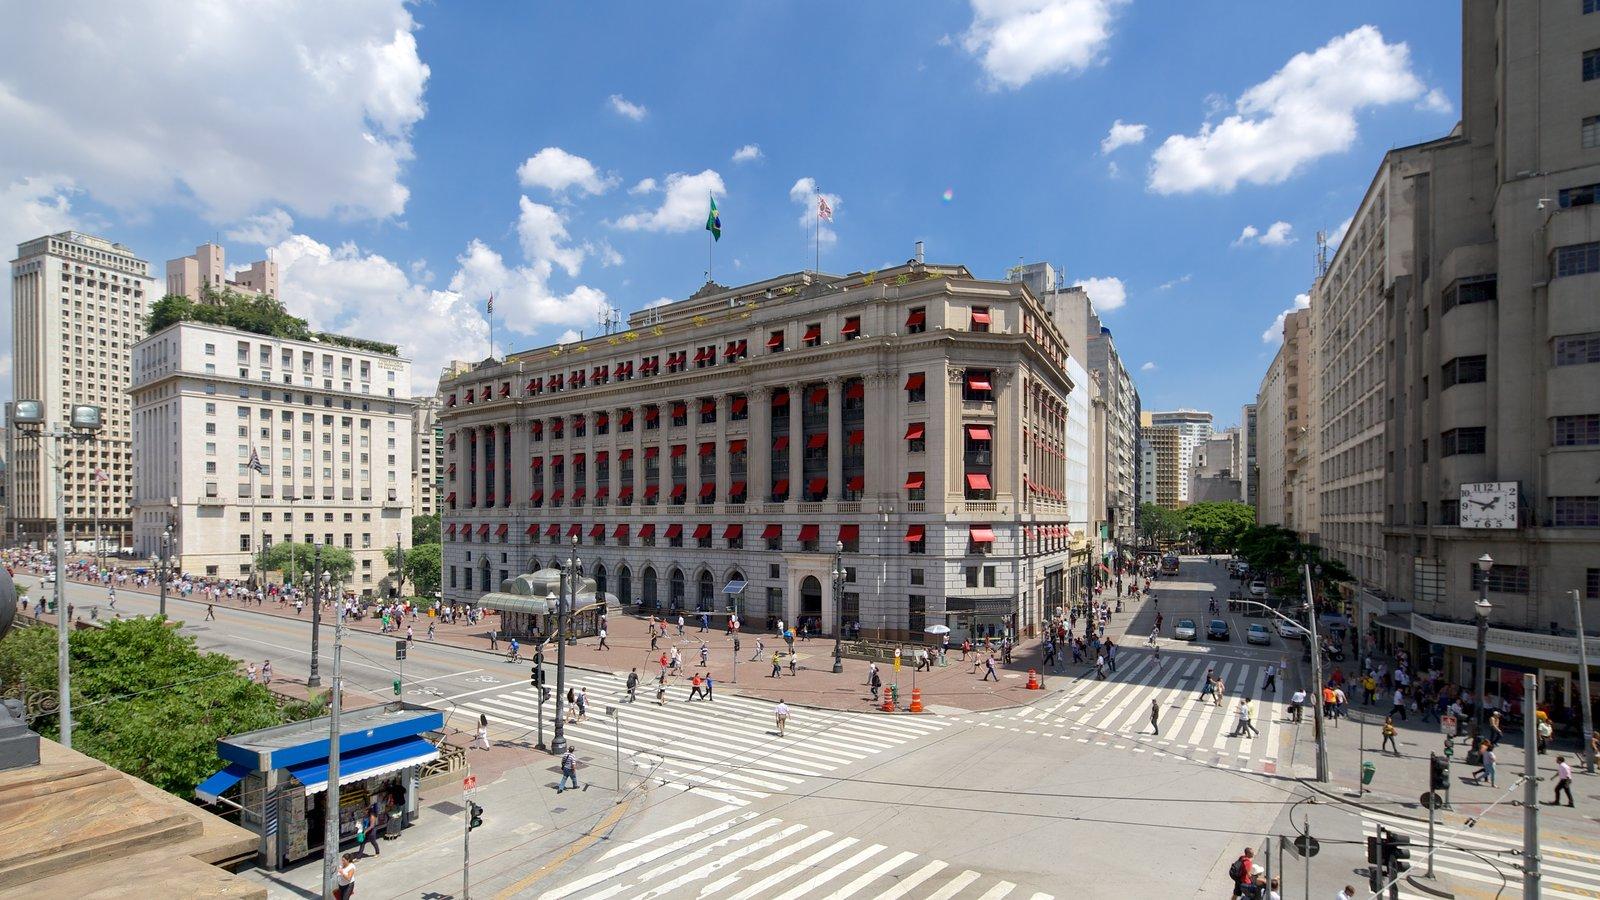 Teatro Municipal mostrando arquitetura de patrimônio, uma cidade e cenas de rua